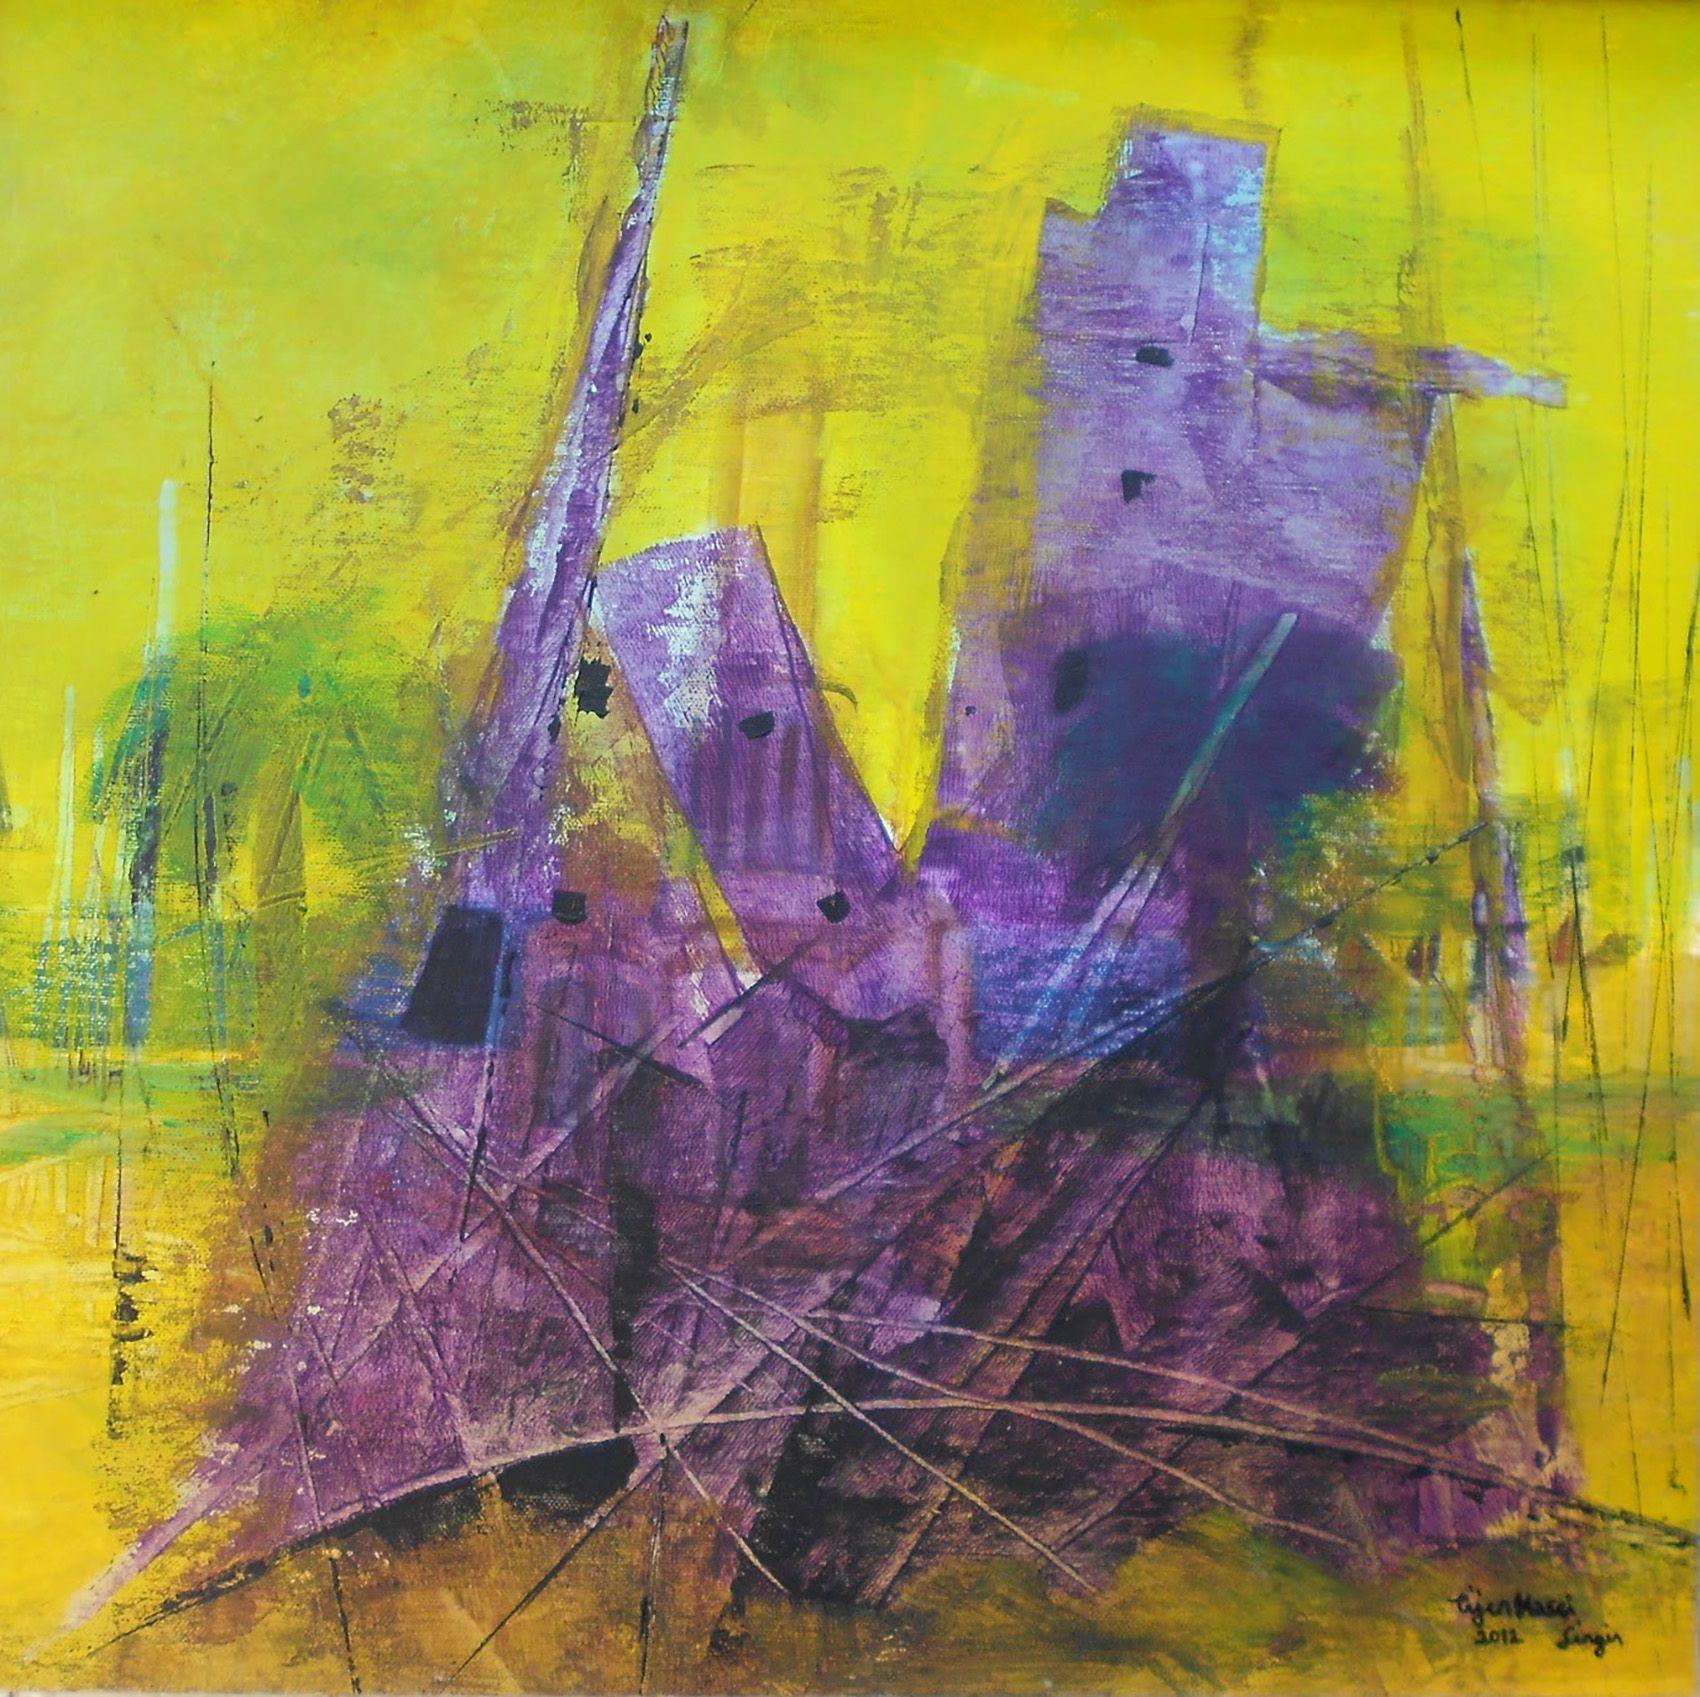 Gallerymak.com - 3.500 TL / 1.000 USD  Düzen (Order) by Tijen Hasçilingir - TUA / #Acryliconcanvas - 52x52  #gallerymak #sanat #tablo #eser #akrilik #frieze #instaart #contemporaryart #painting #art #artist #yagliboya #abstract #abstractart #soyut